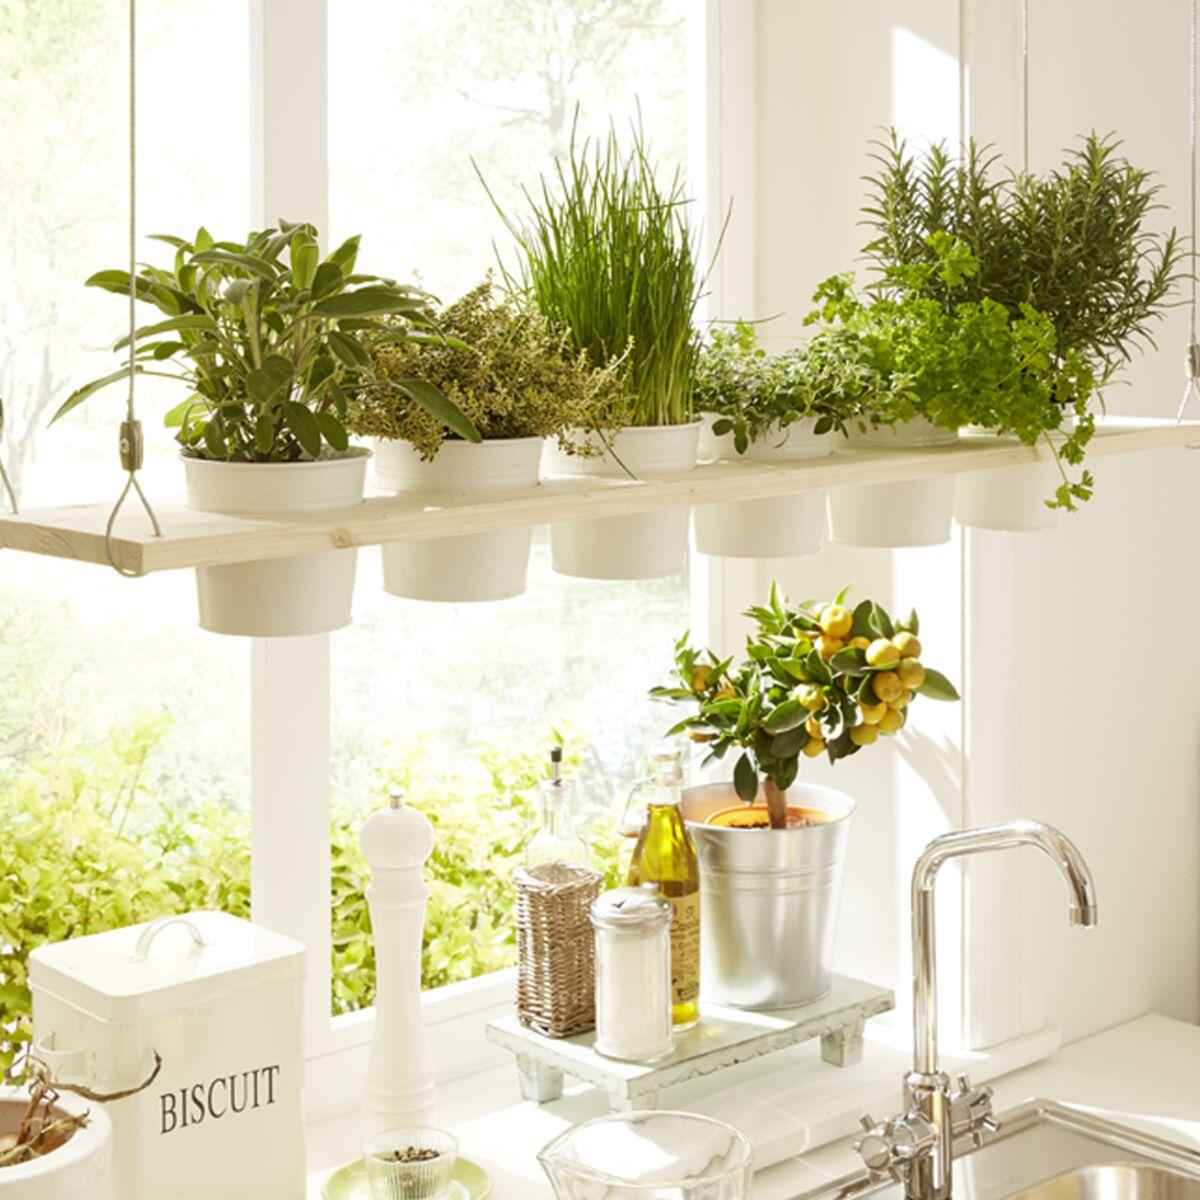 Je fabrique un jardin suspendu pour ma cuisine : Femme Actuelle Le MAG